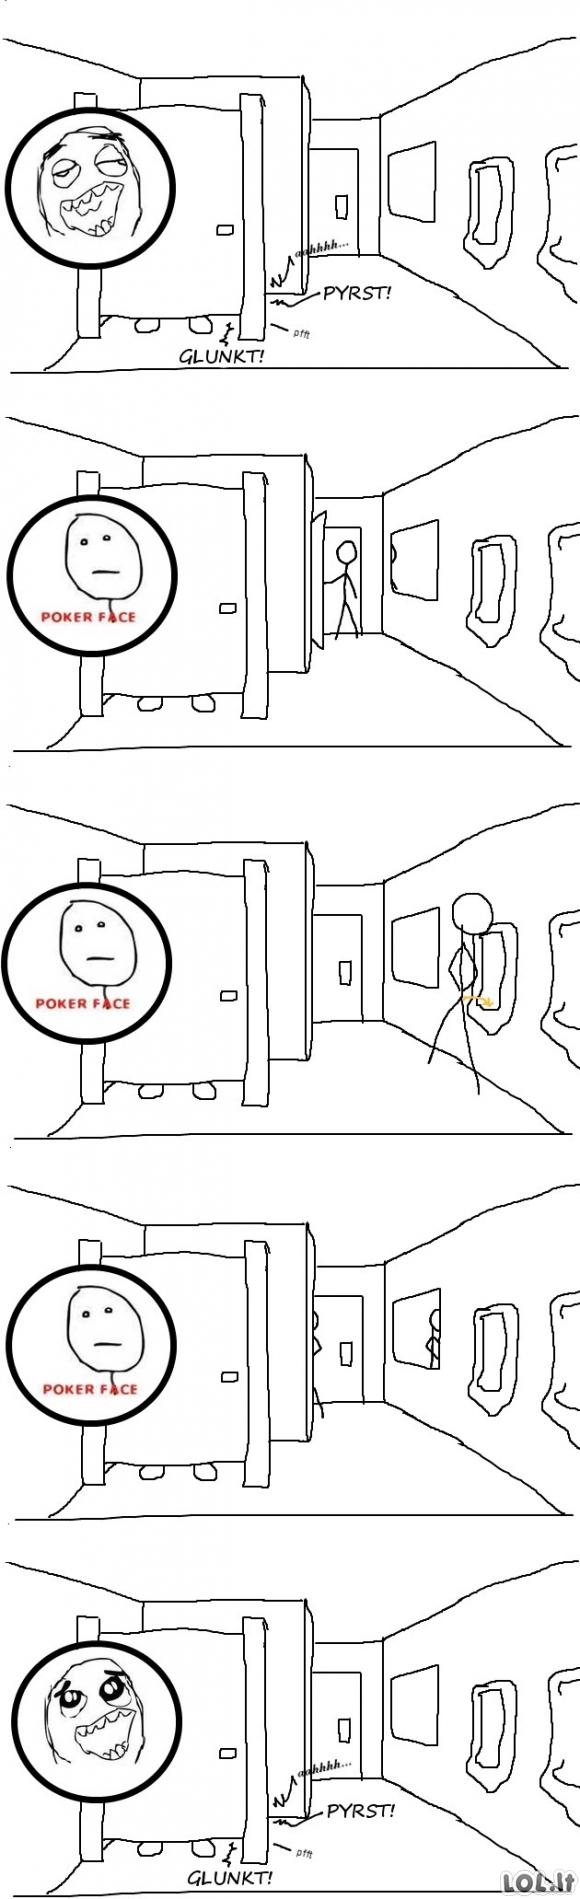 Kai tuštiniesi viešame tualete